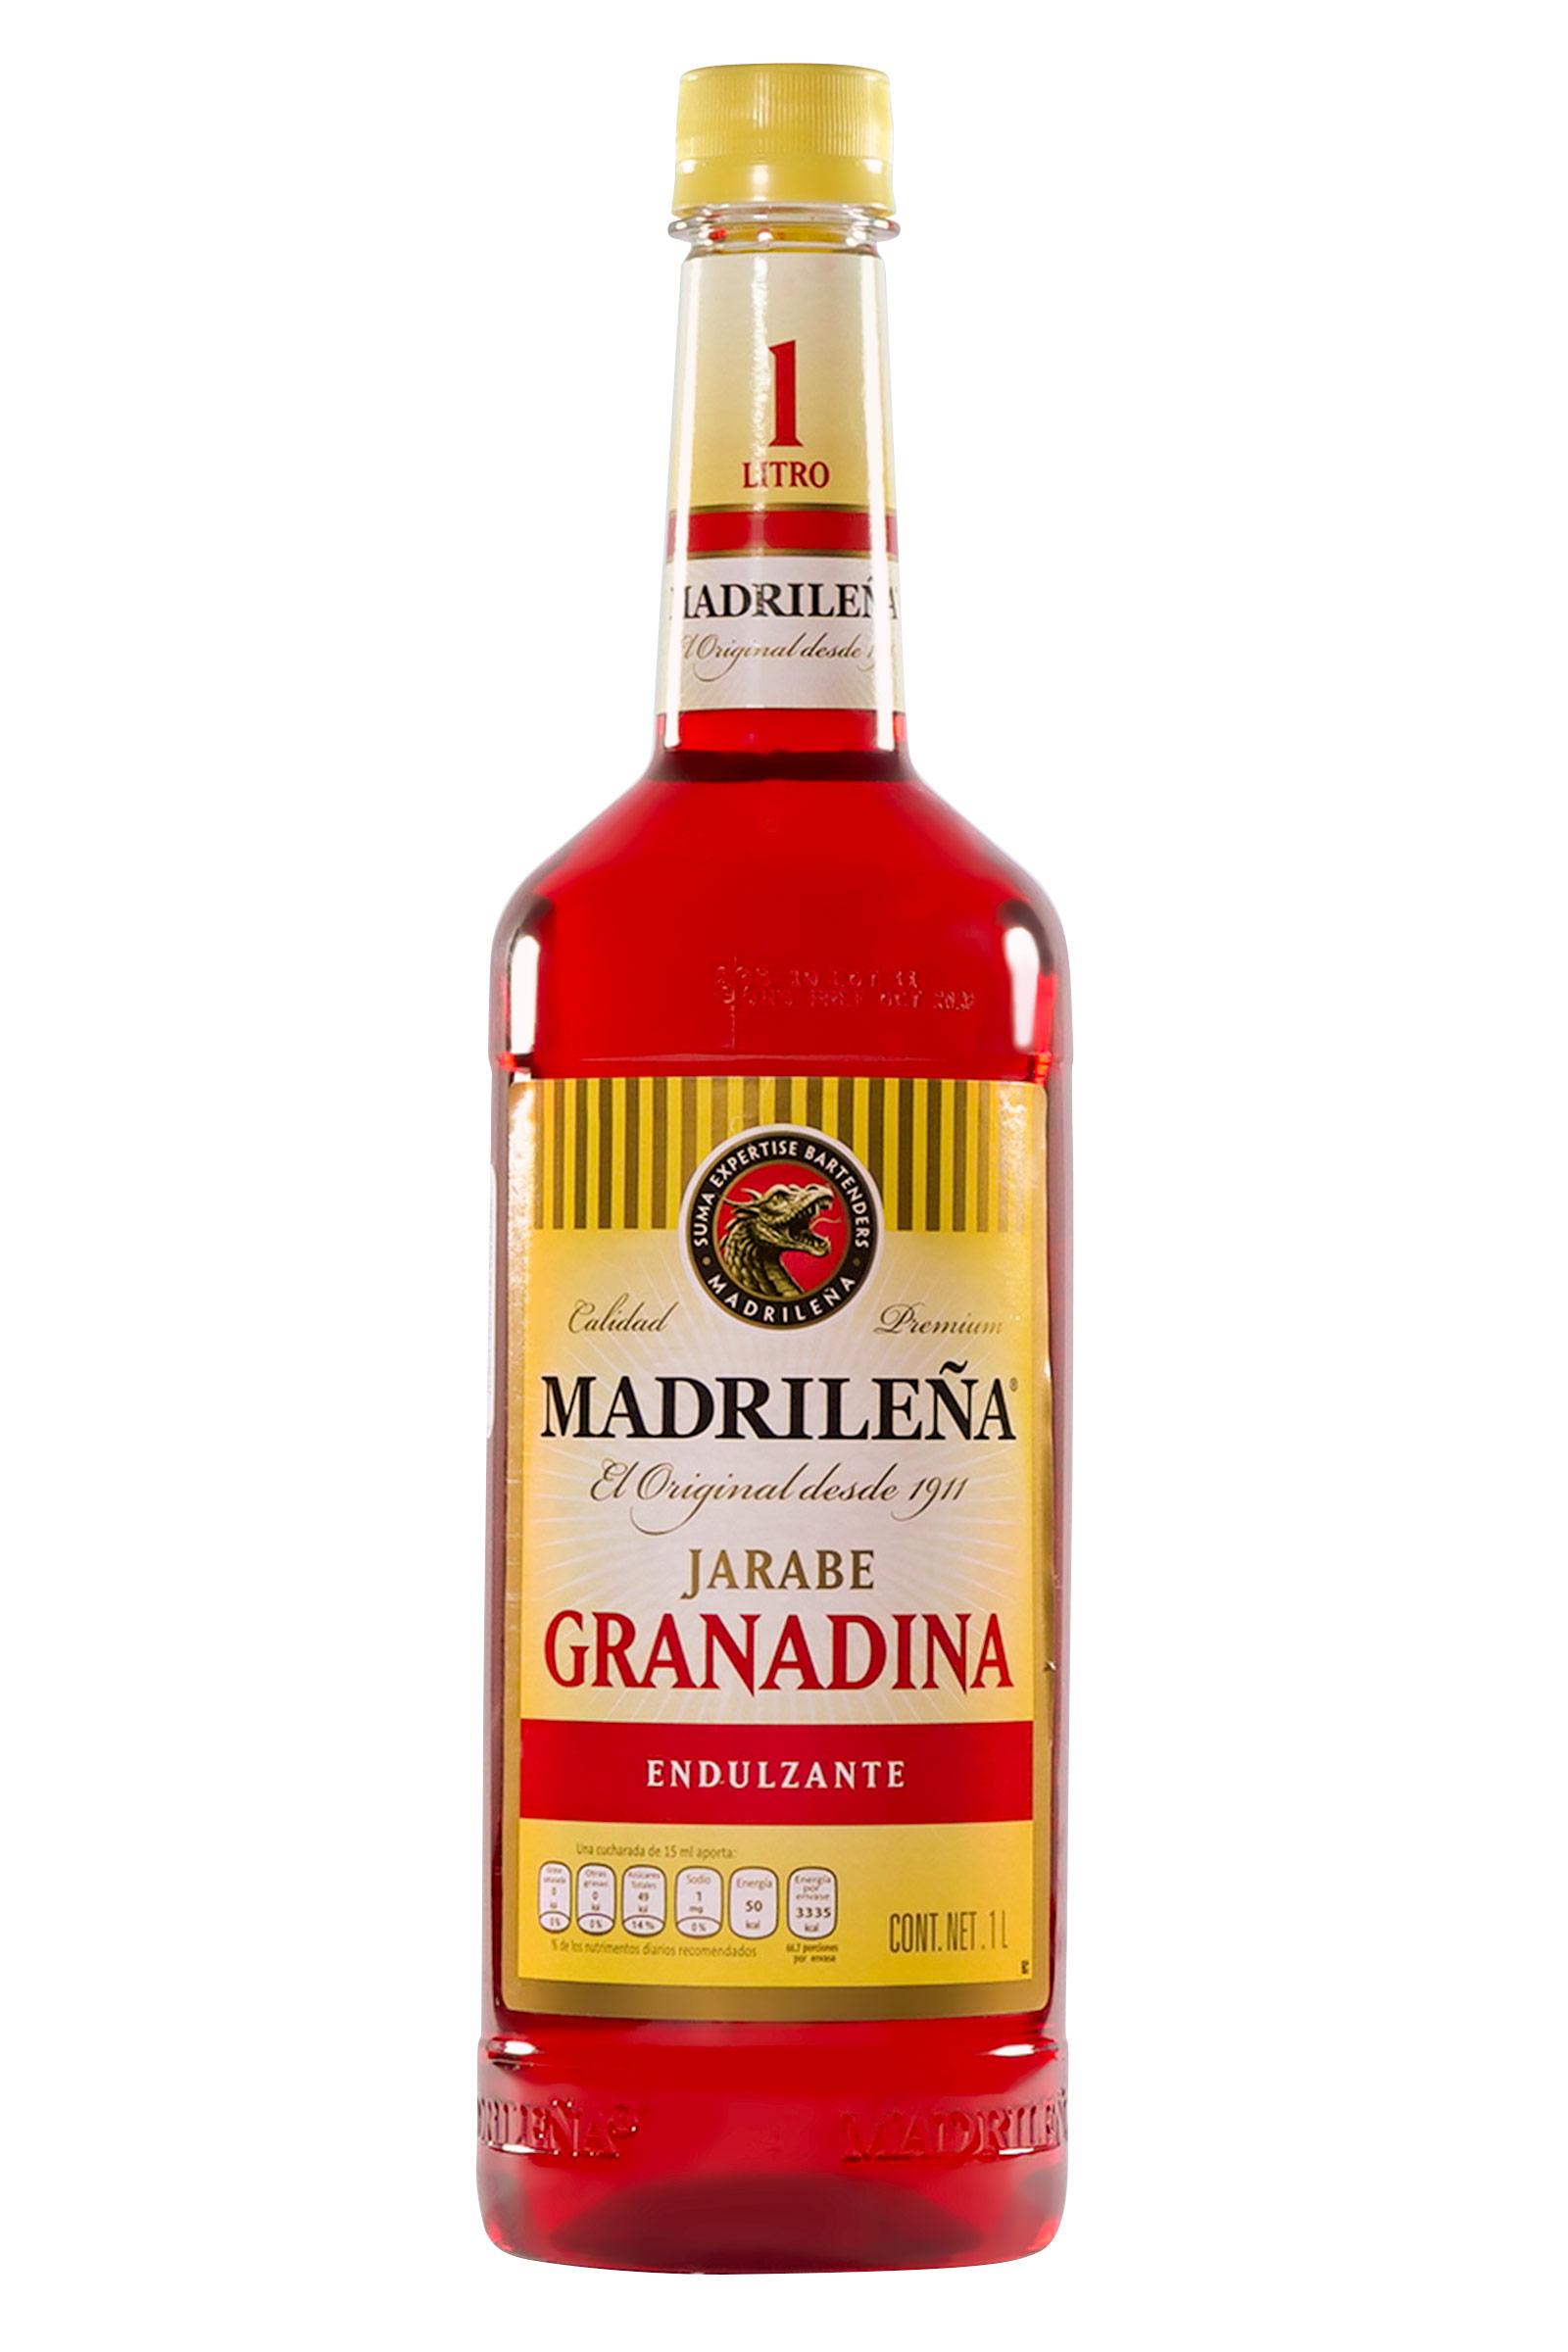 La Madrileña Jarabe Granadina 1000ml